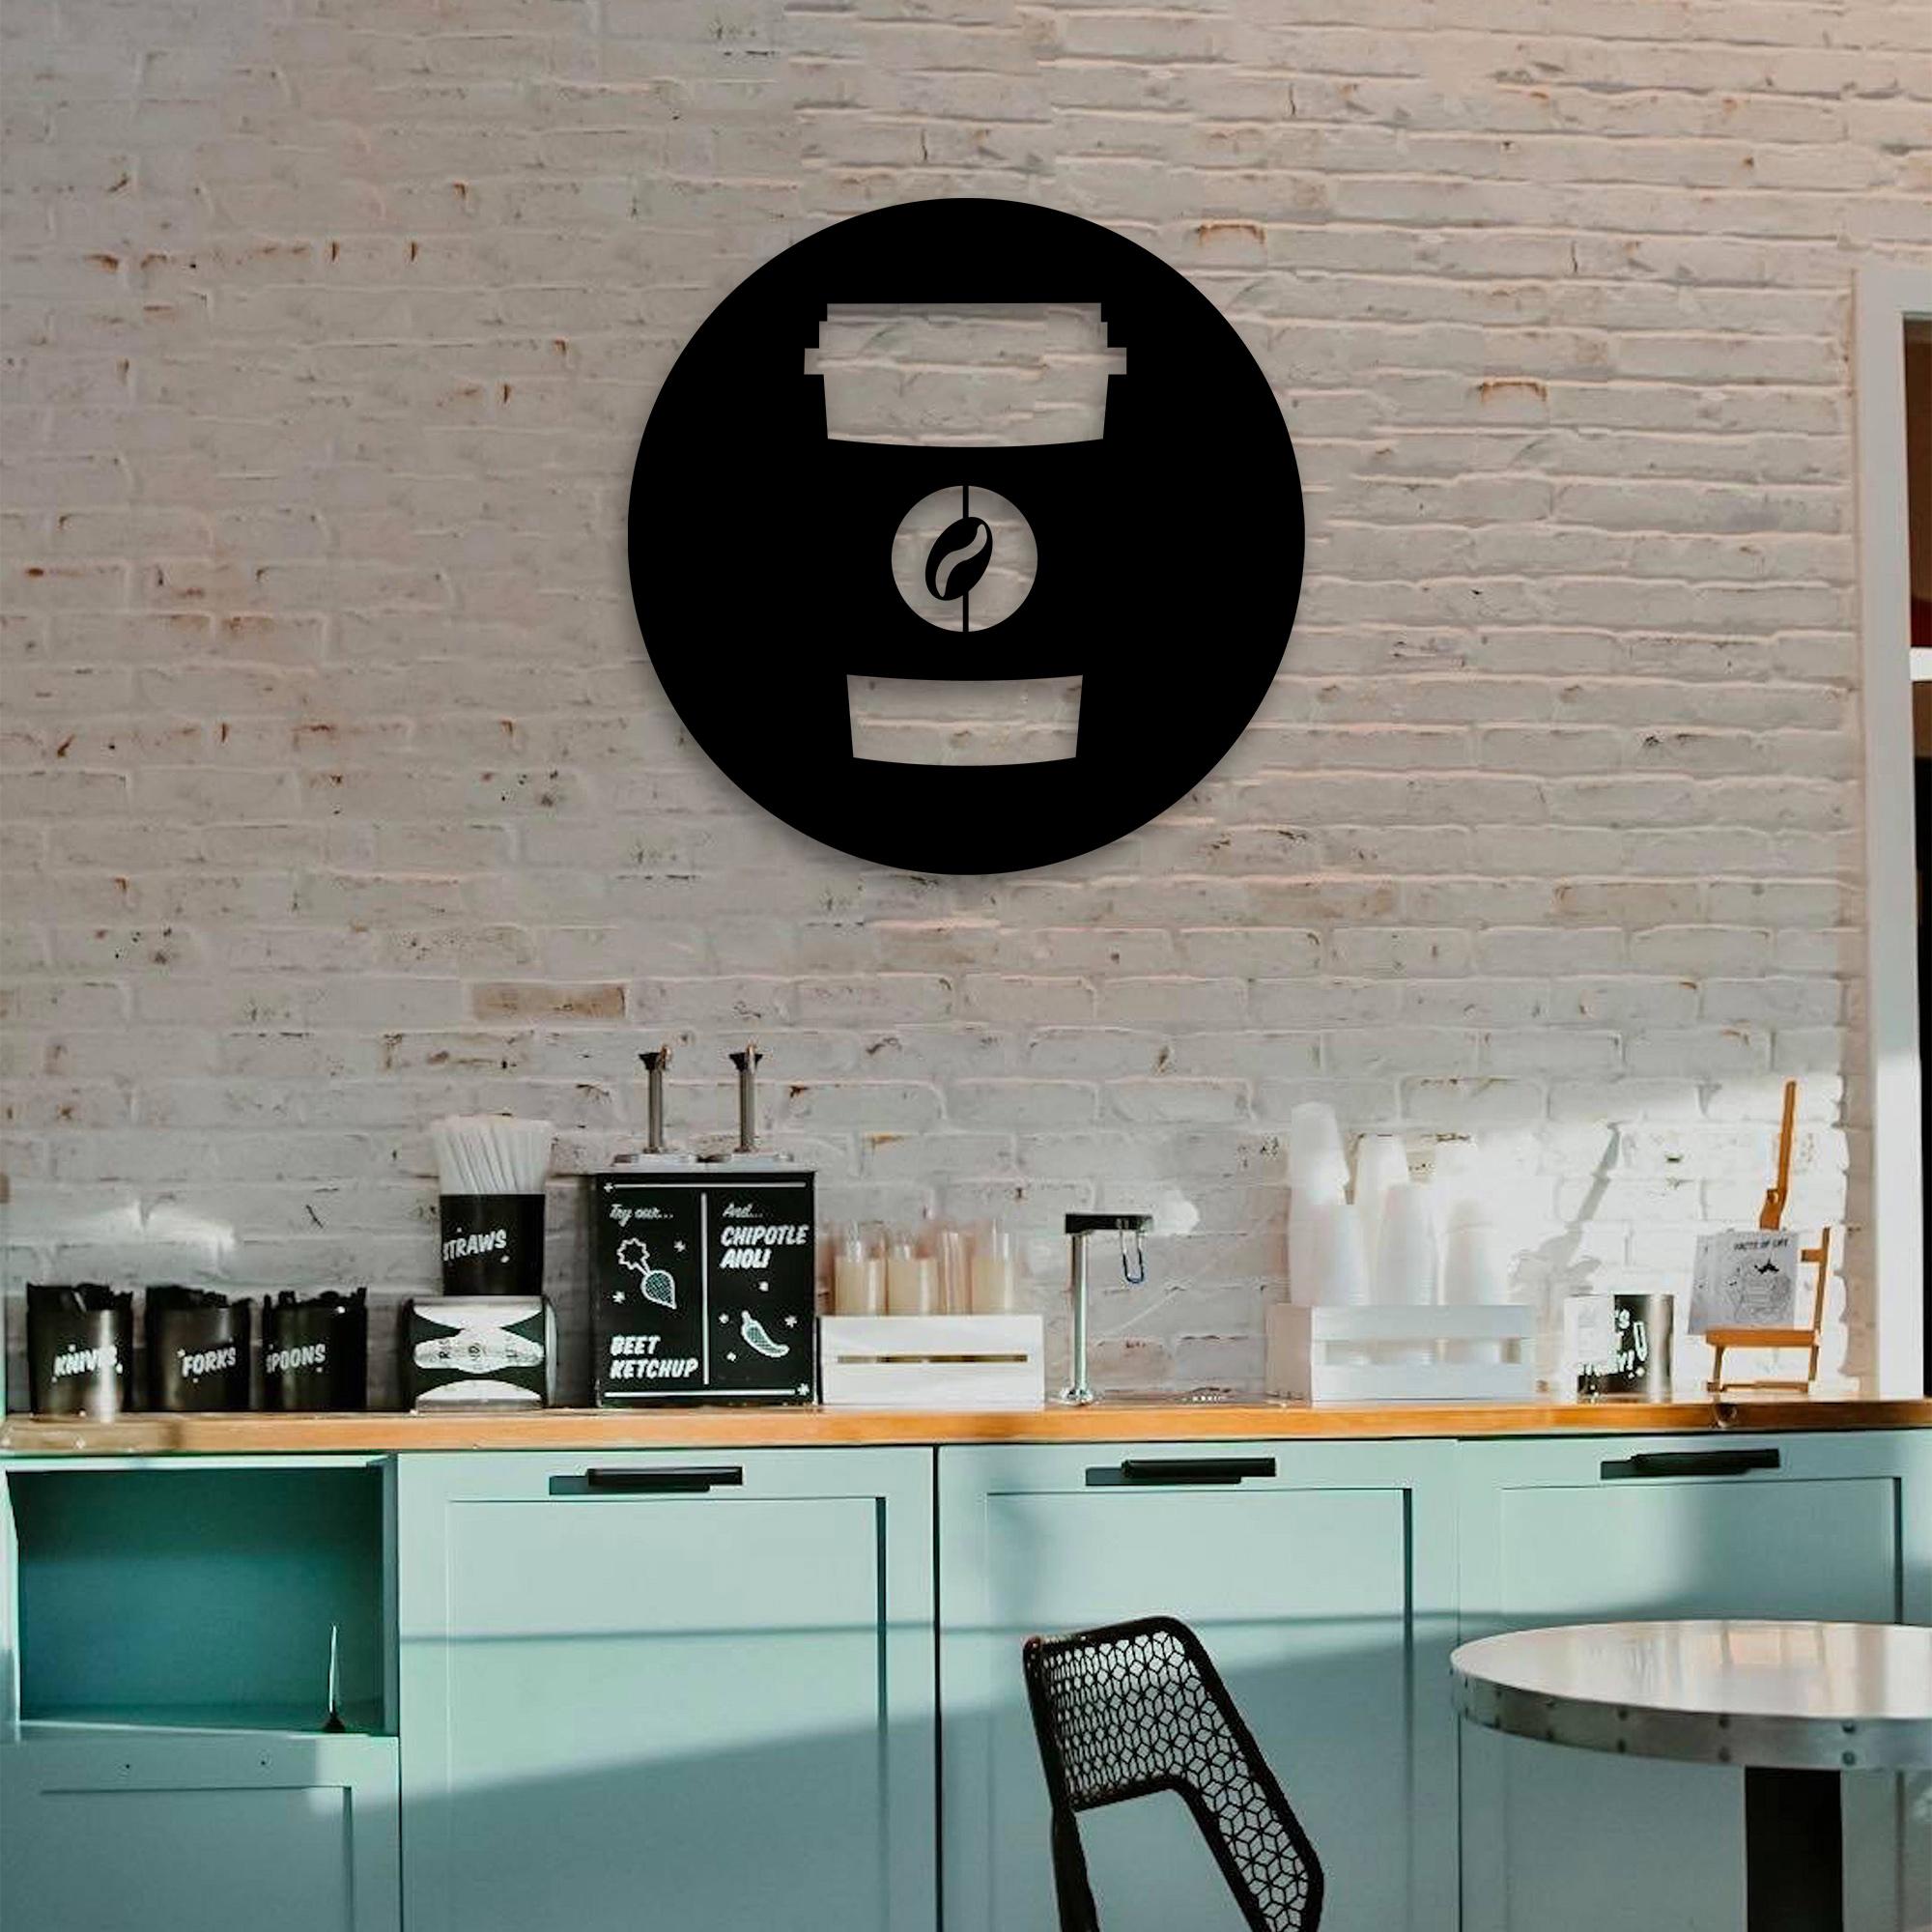 Coffee on the Run – Metal Wall Art